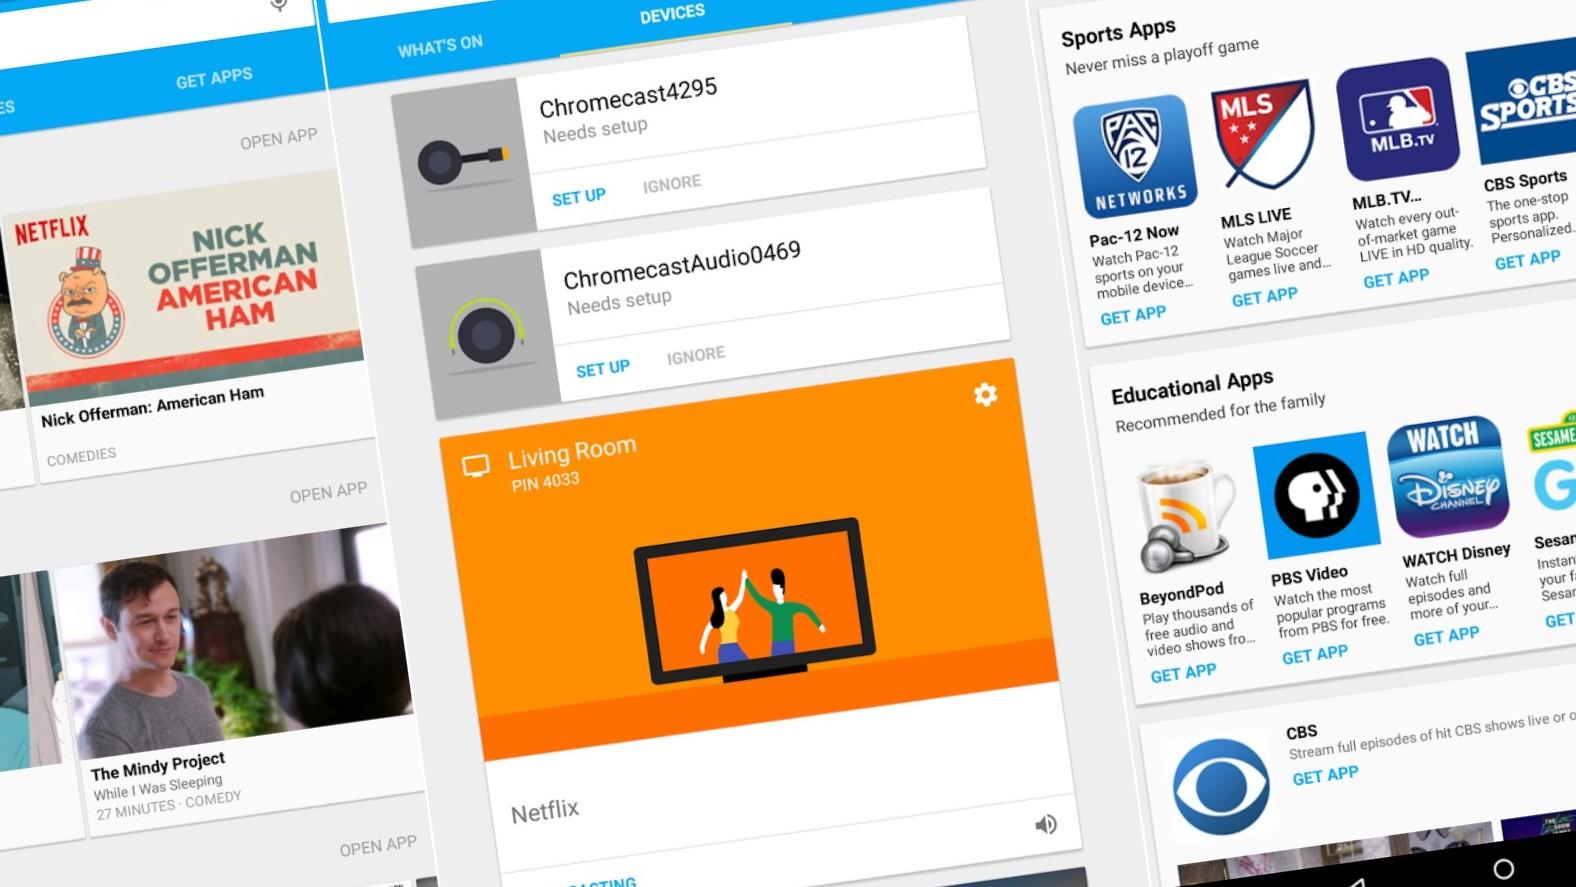 Den nye Chromecast-appen kommer med en rekke nye funksjoner.